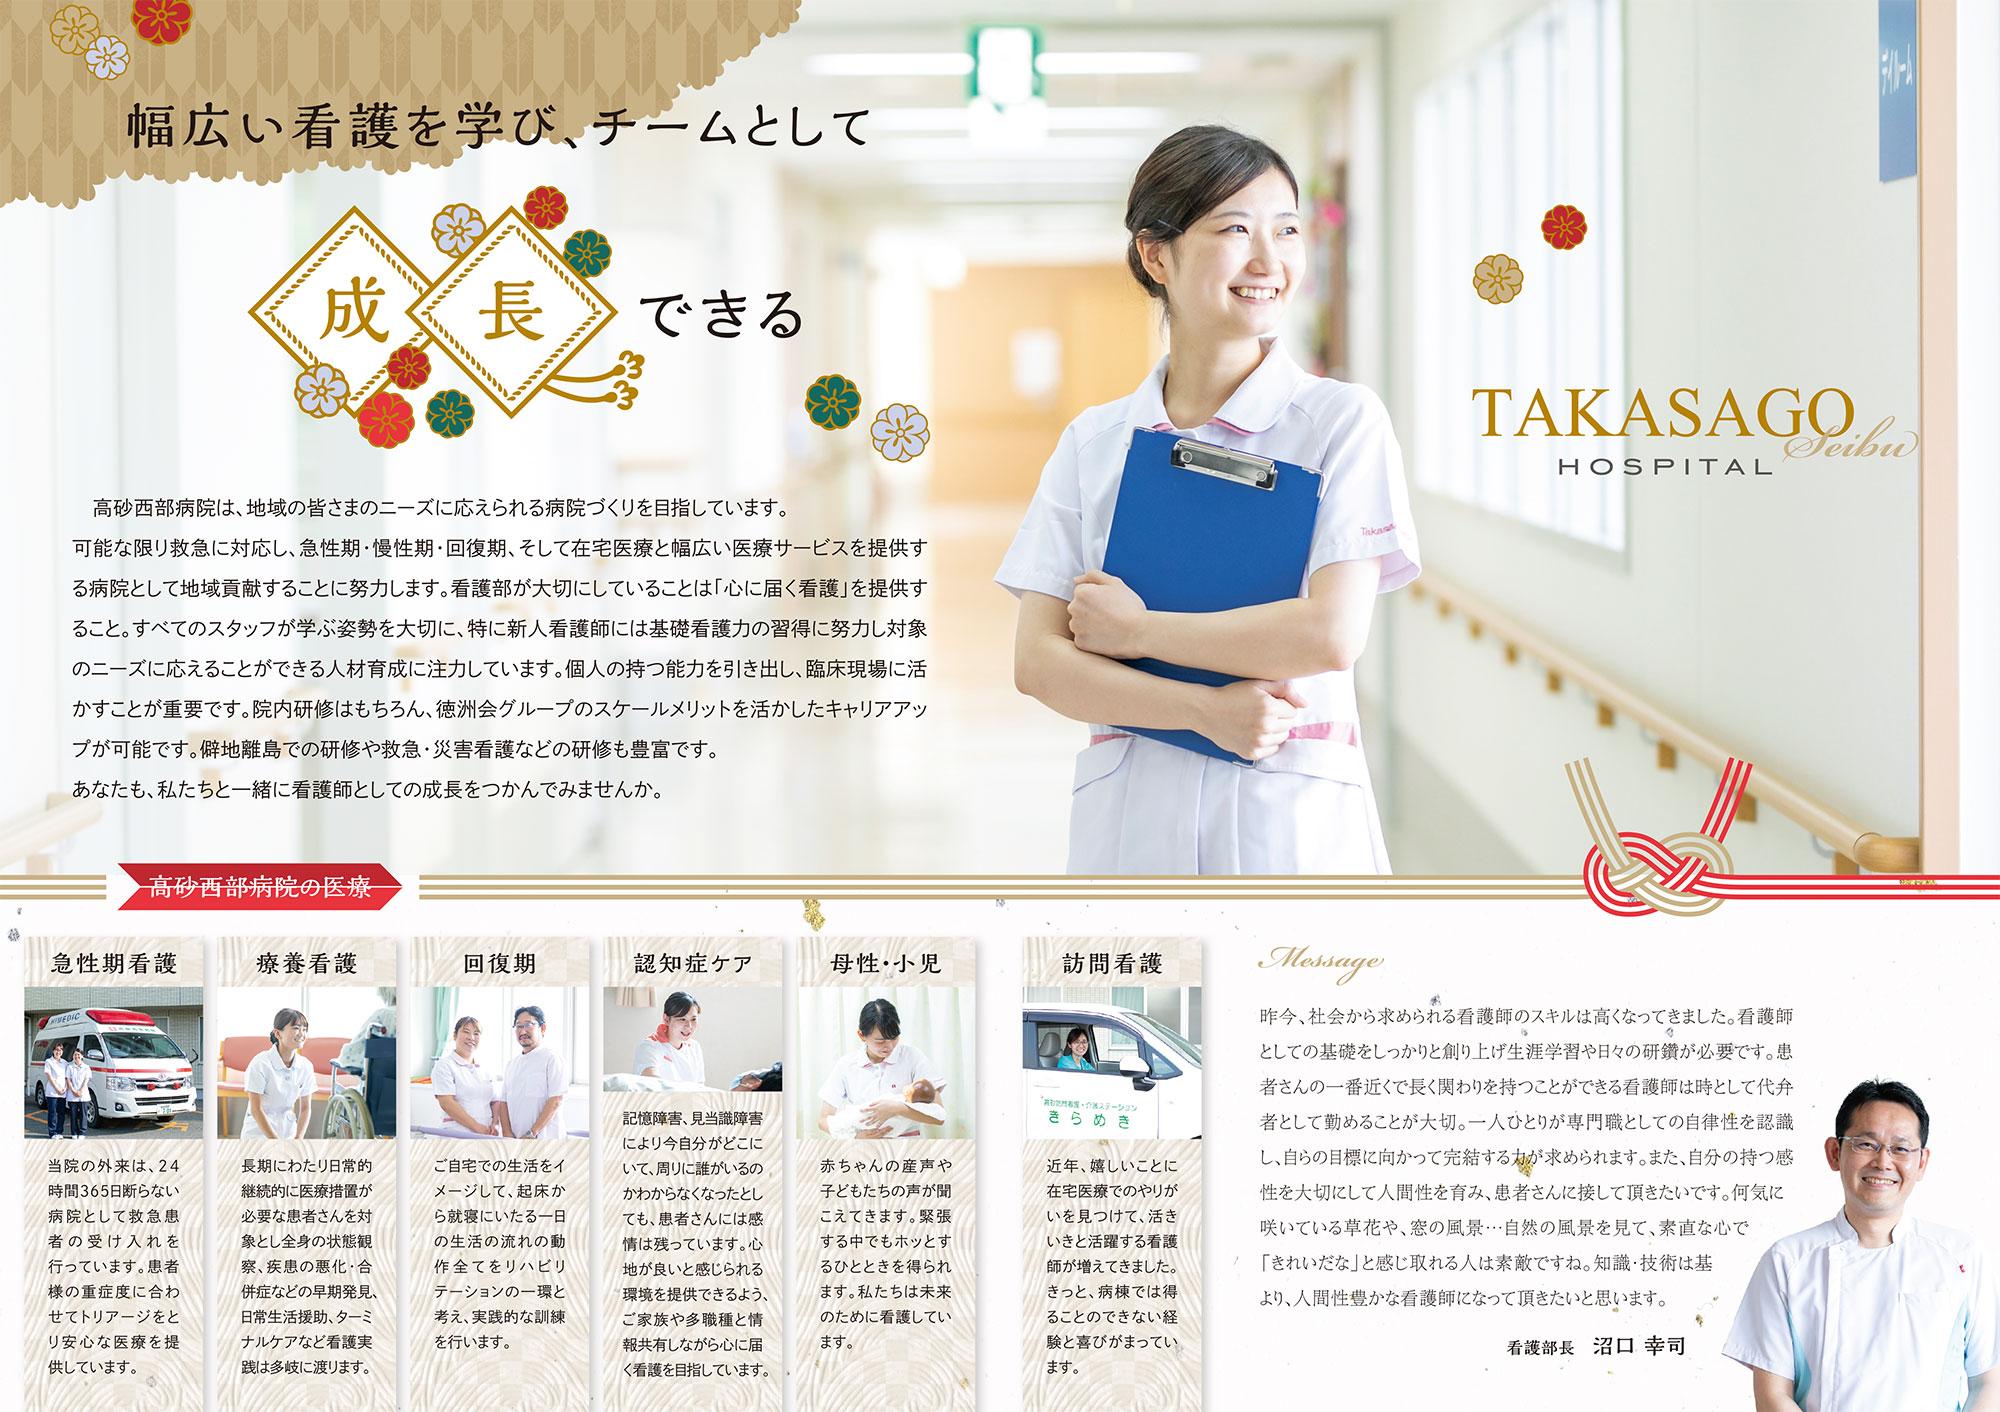 2020年12月作成「高砂西部病院」看護部パンフレット_サブ画像